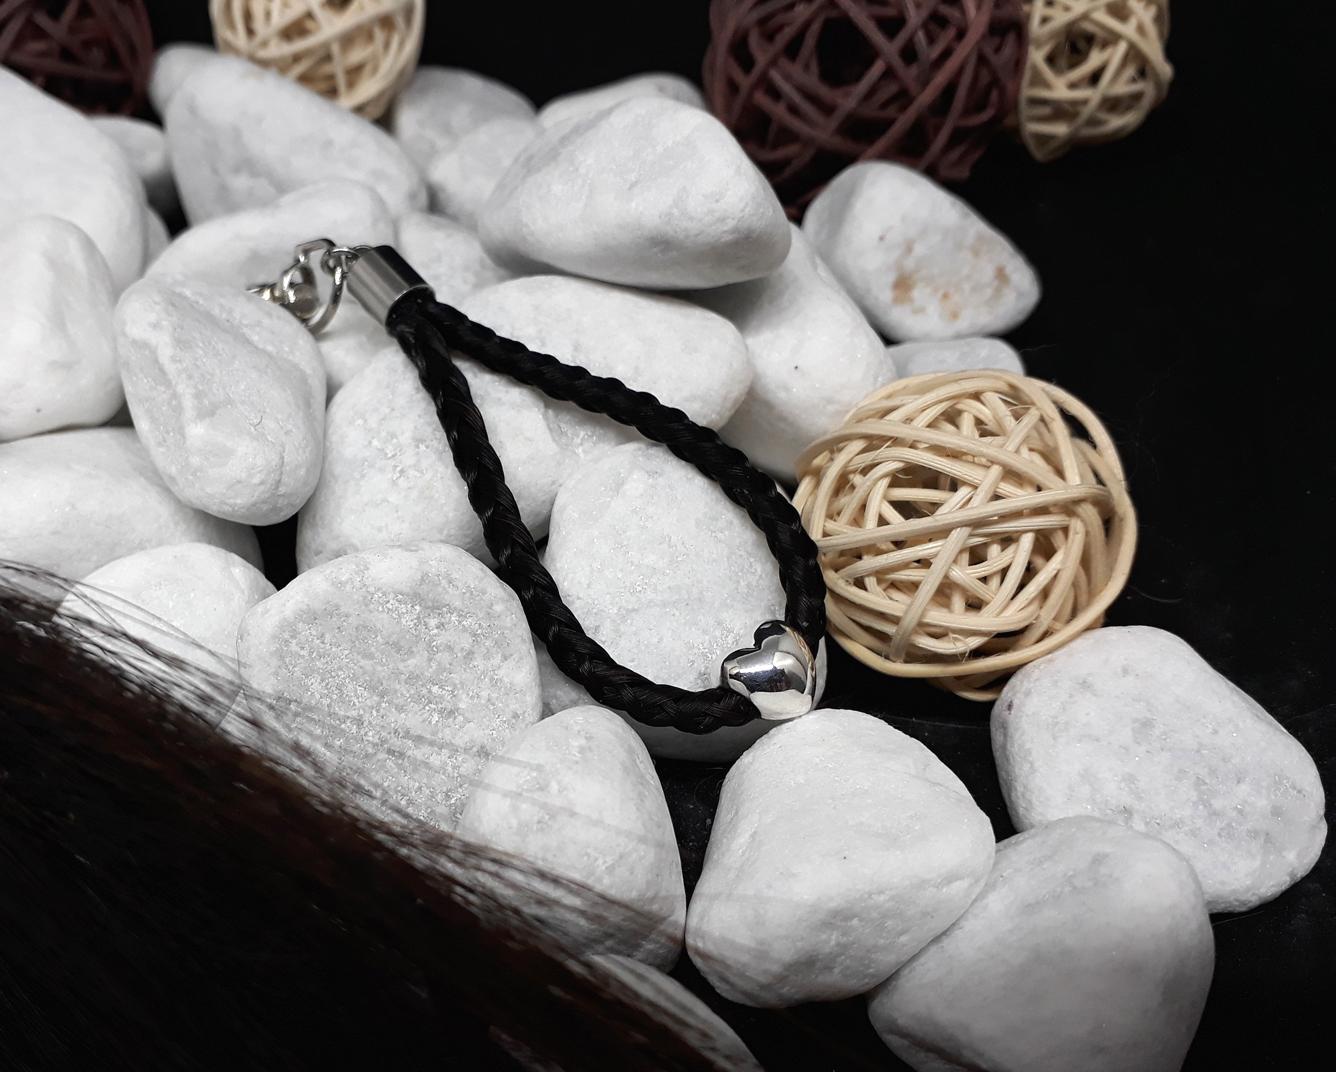 """Rund geflochtener Schlüsselanhänger aus 6 schwarzen Strängen, mit einer massiven 925er Silber-Perle """"Herz"""" und Endkappe aus Edelstahl - Preis: 45 Euro"""